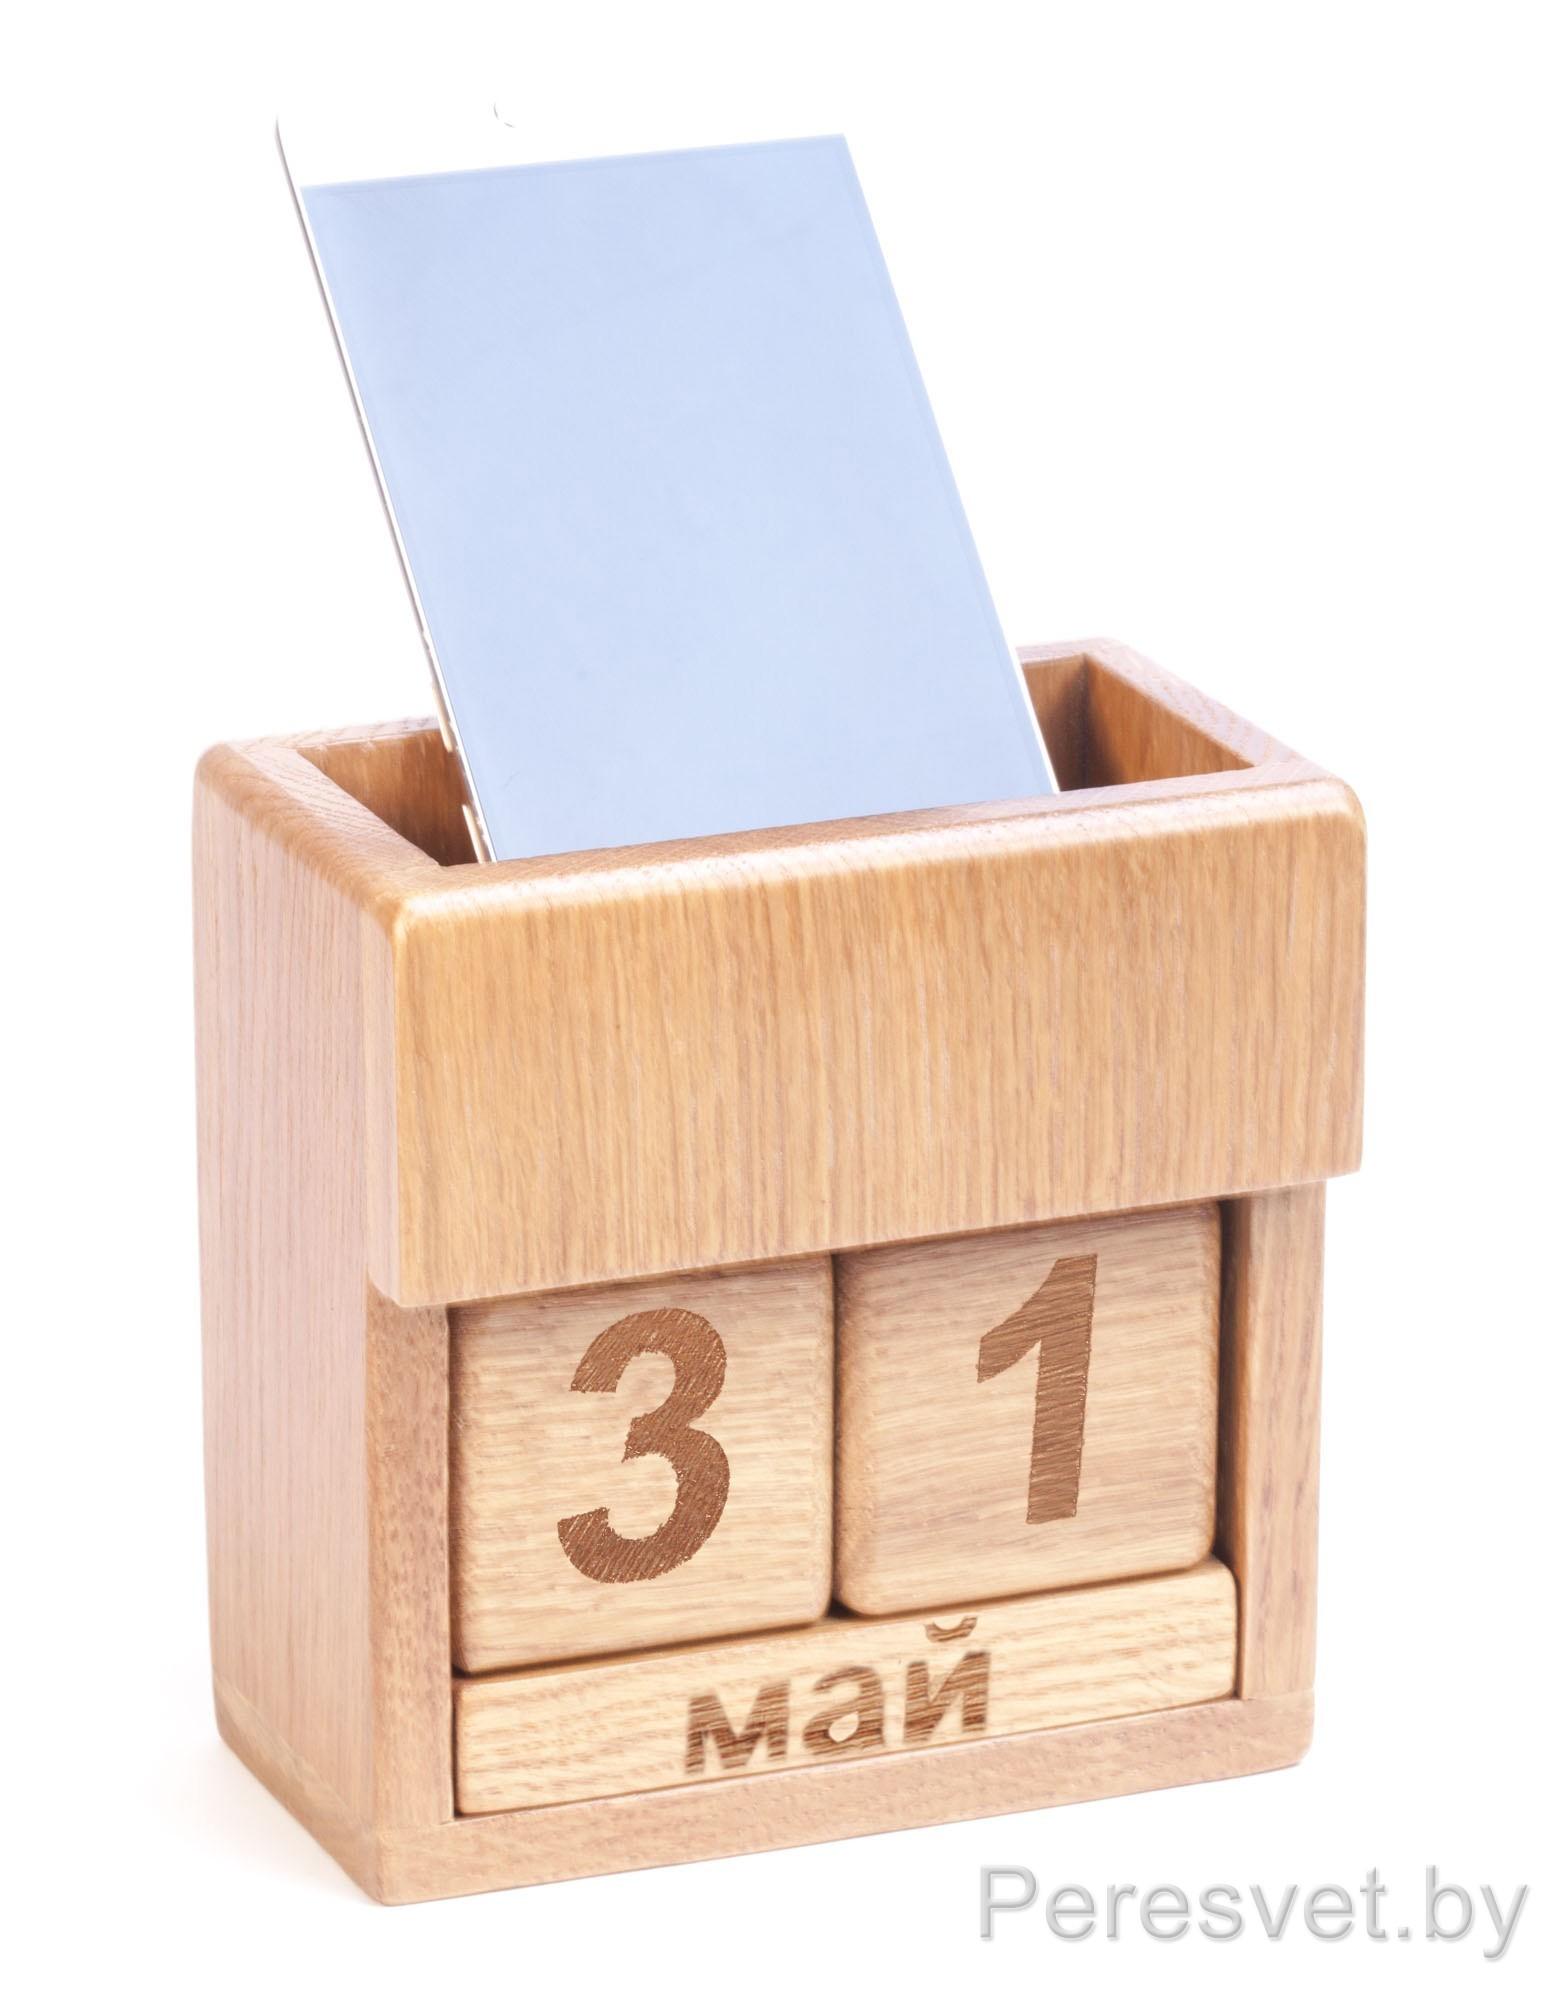 Вечный календарь из дуба с подставкой опт на peresvet.by